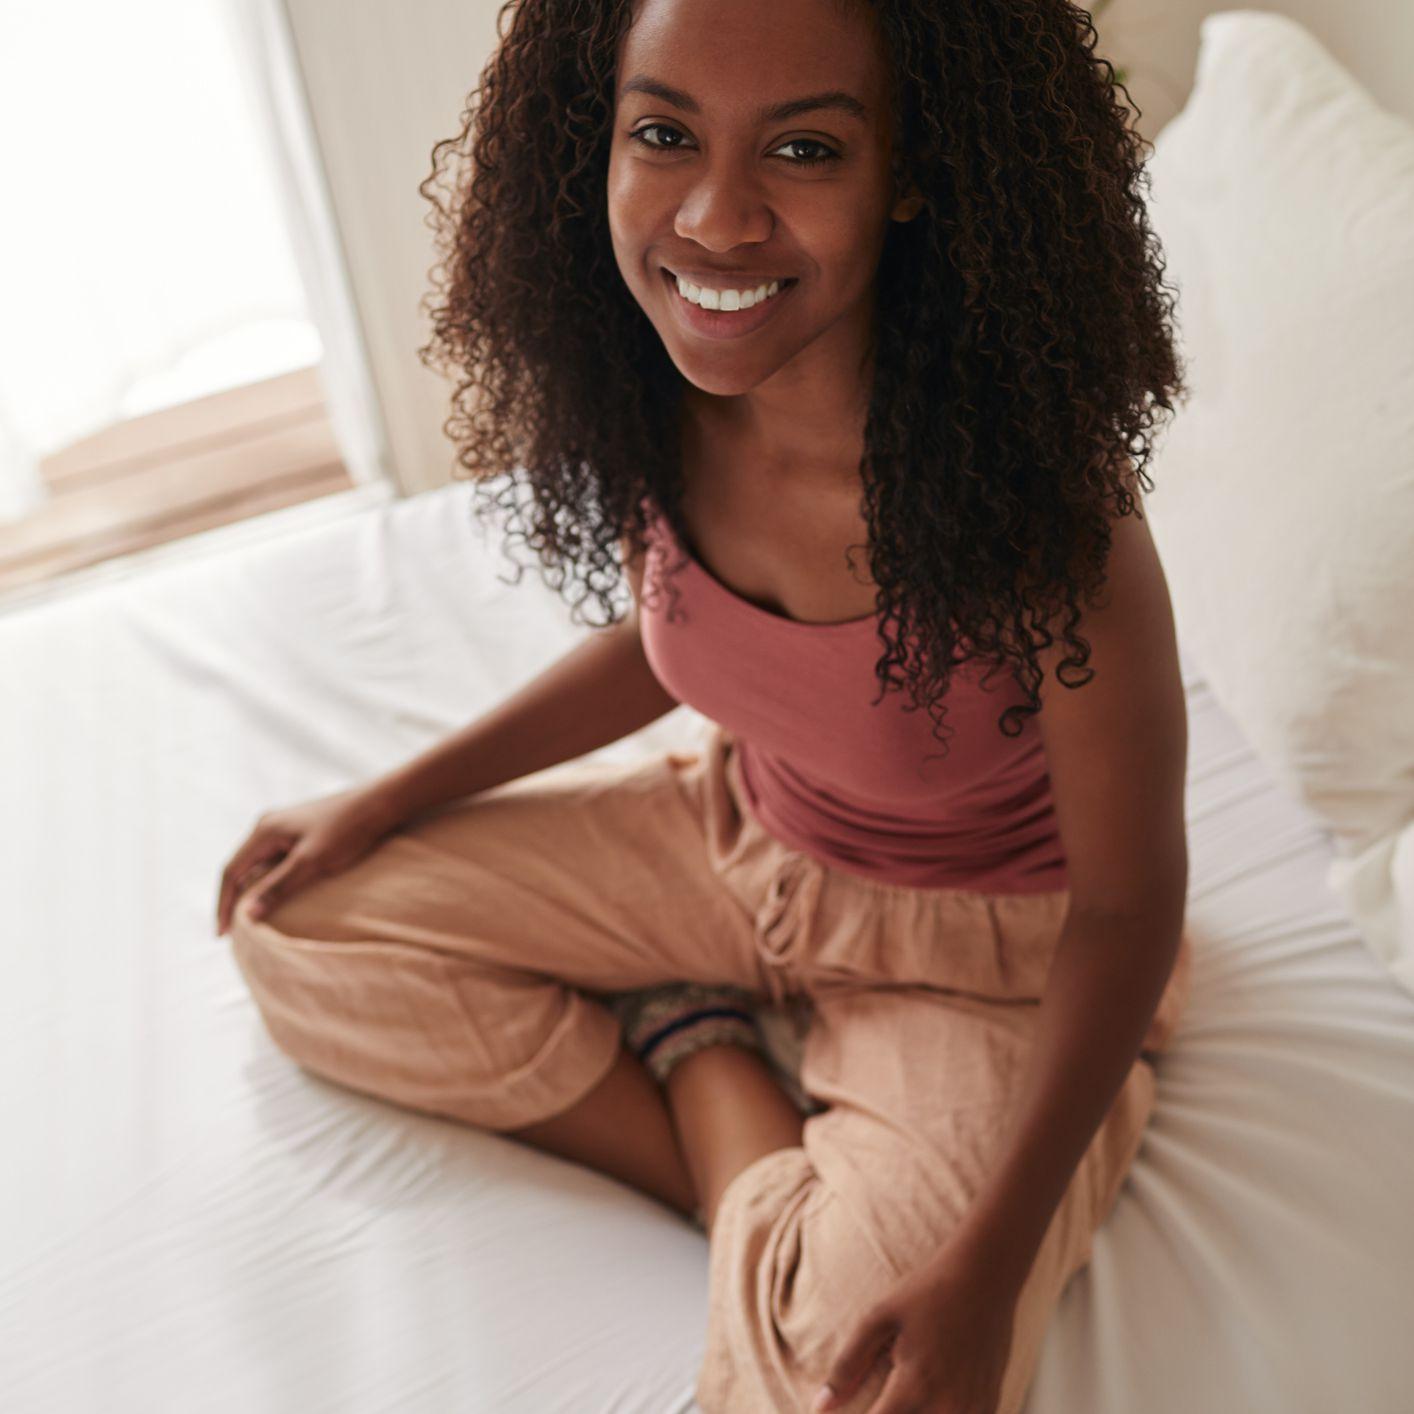 Черная женщина занимается йогой на кровати